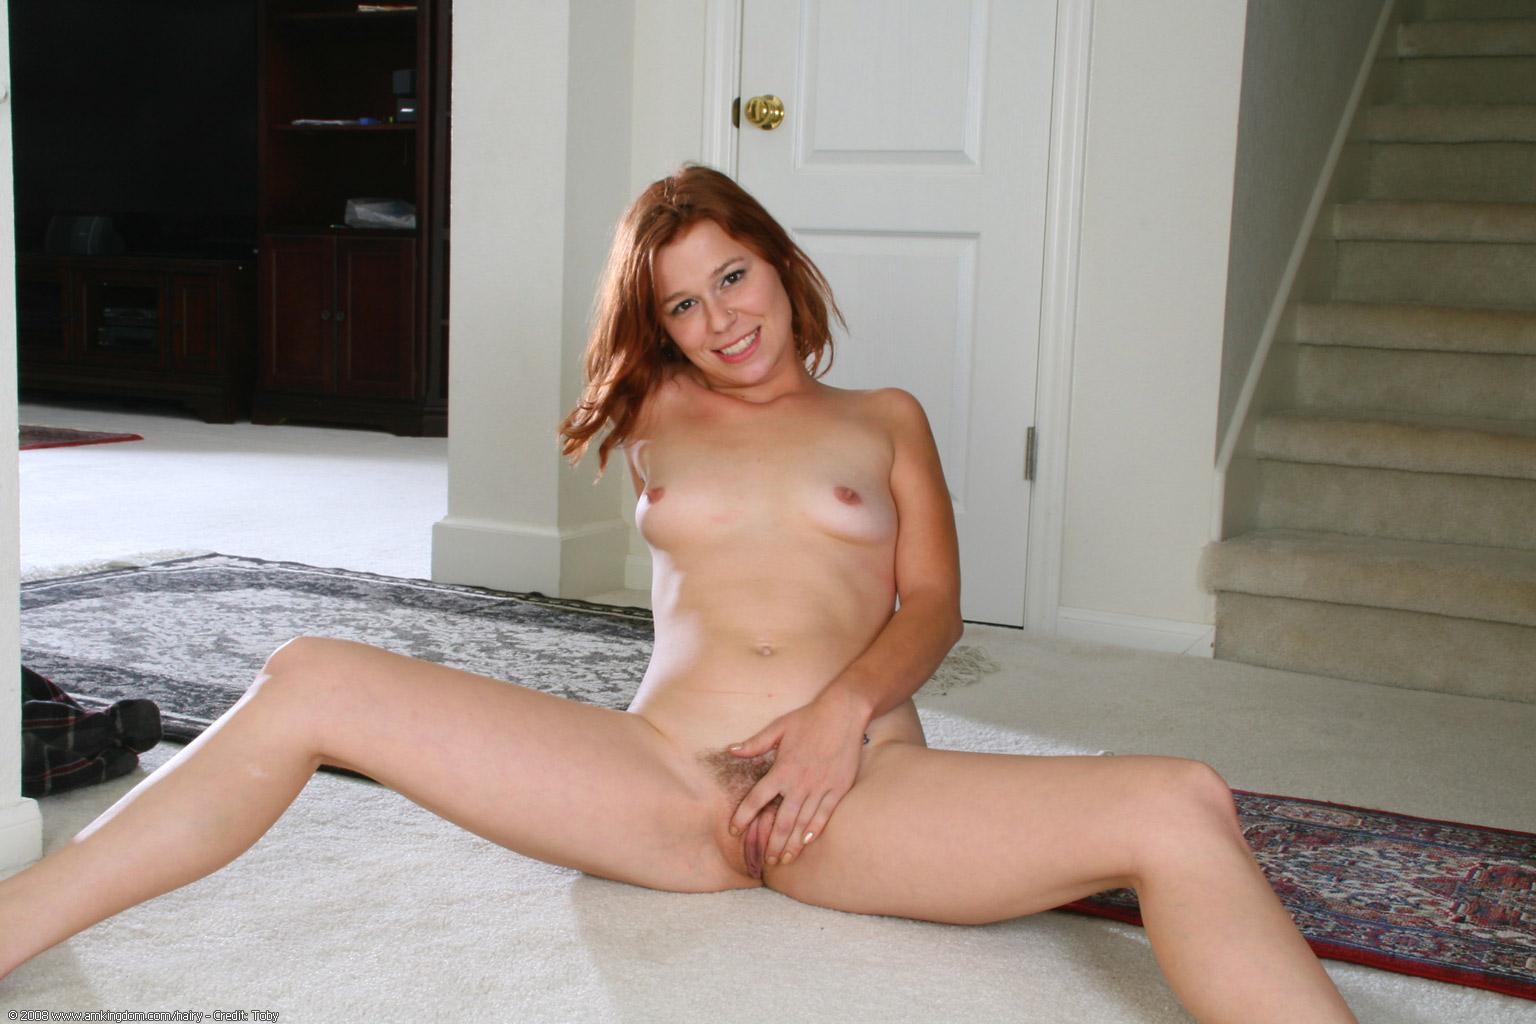 Bruta fuks sexy pic